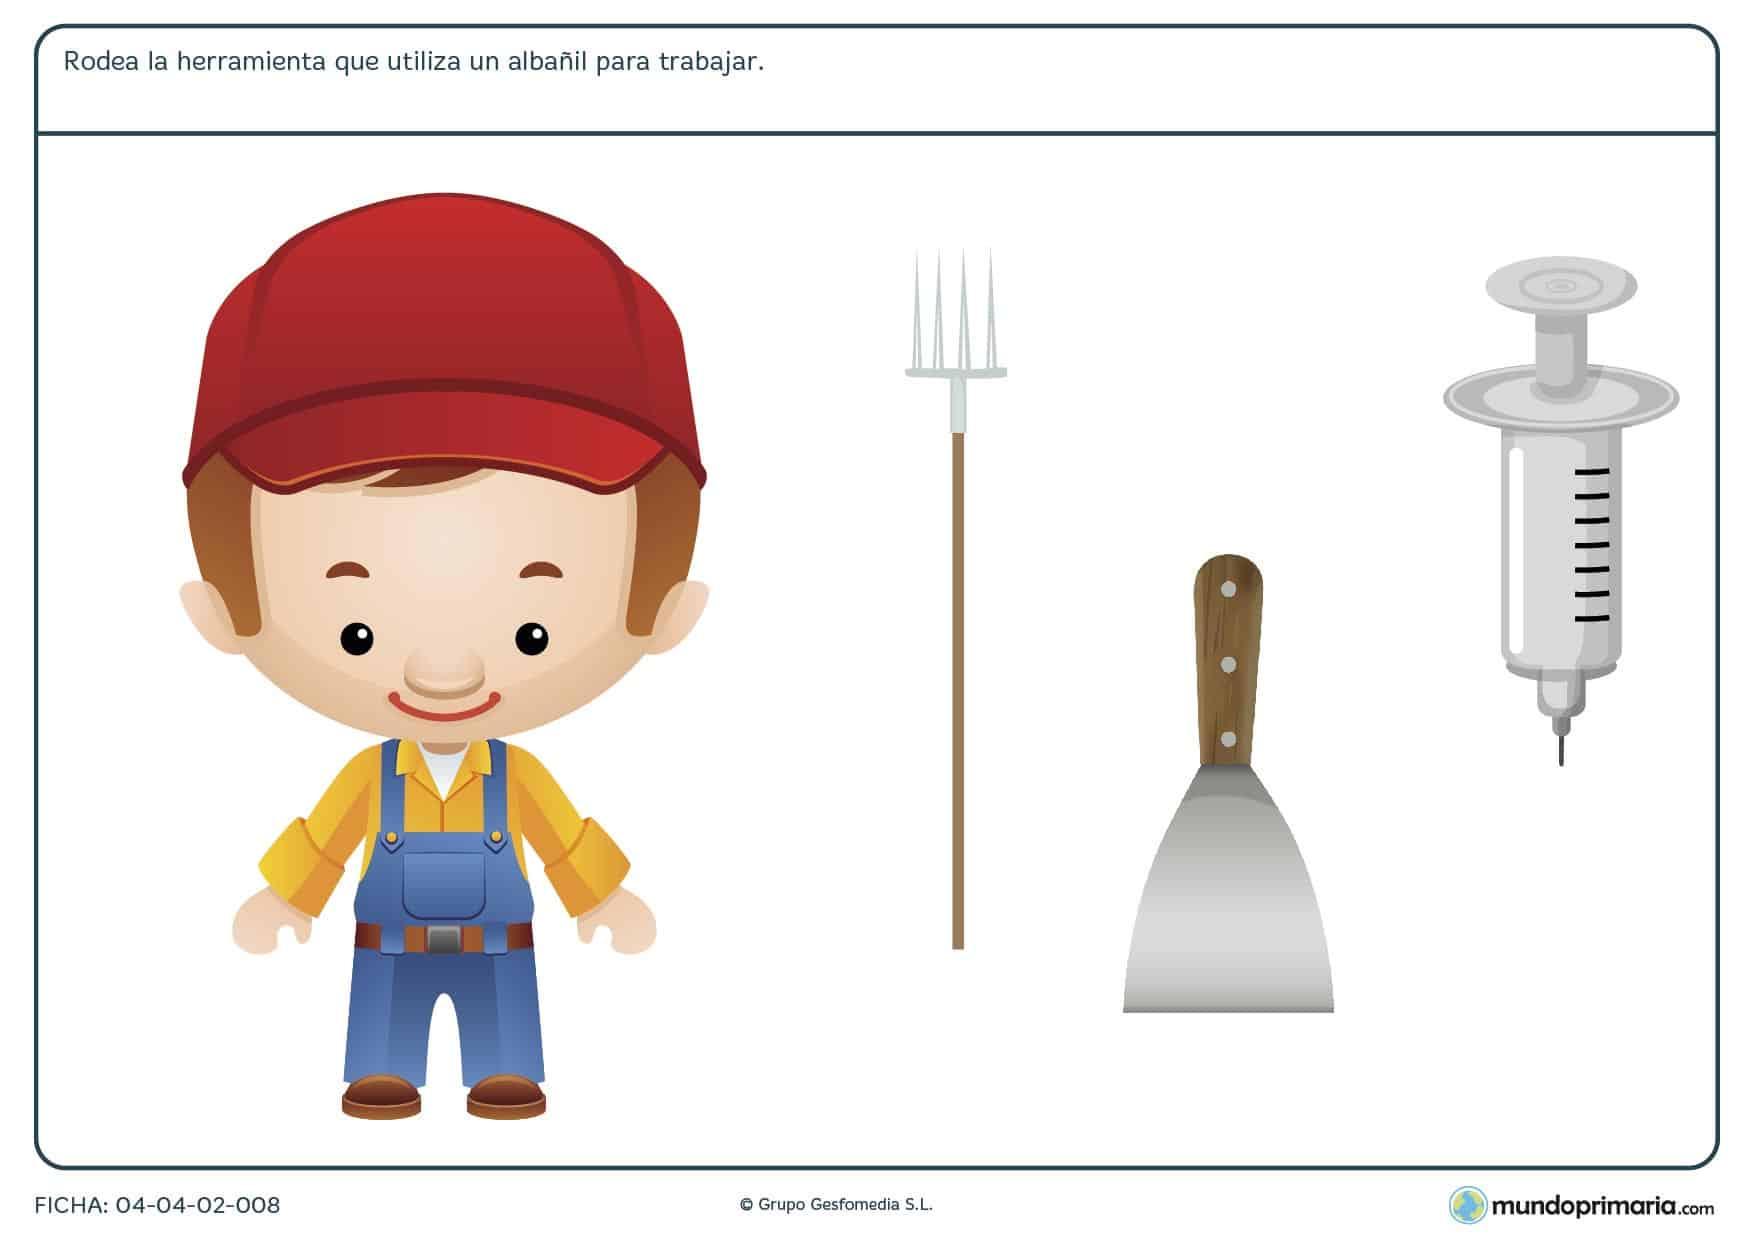 Ficha de herramientas del albañil en el que hay que rodear cúal de las herramientas proporcionadas utiliza el albañil para trabajar.